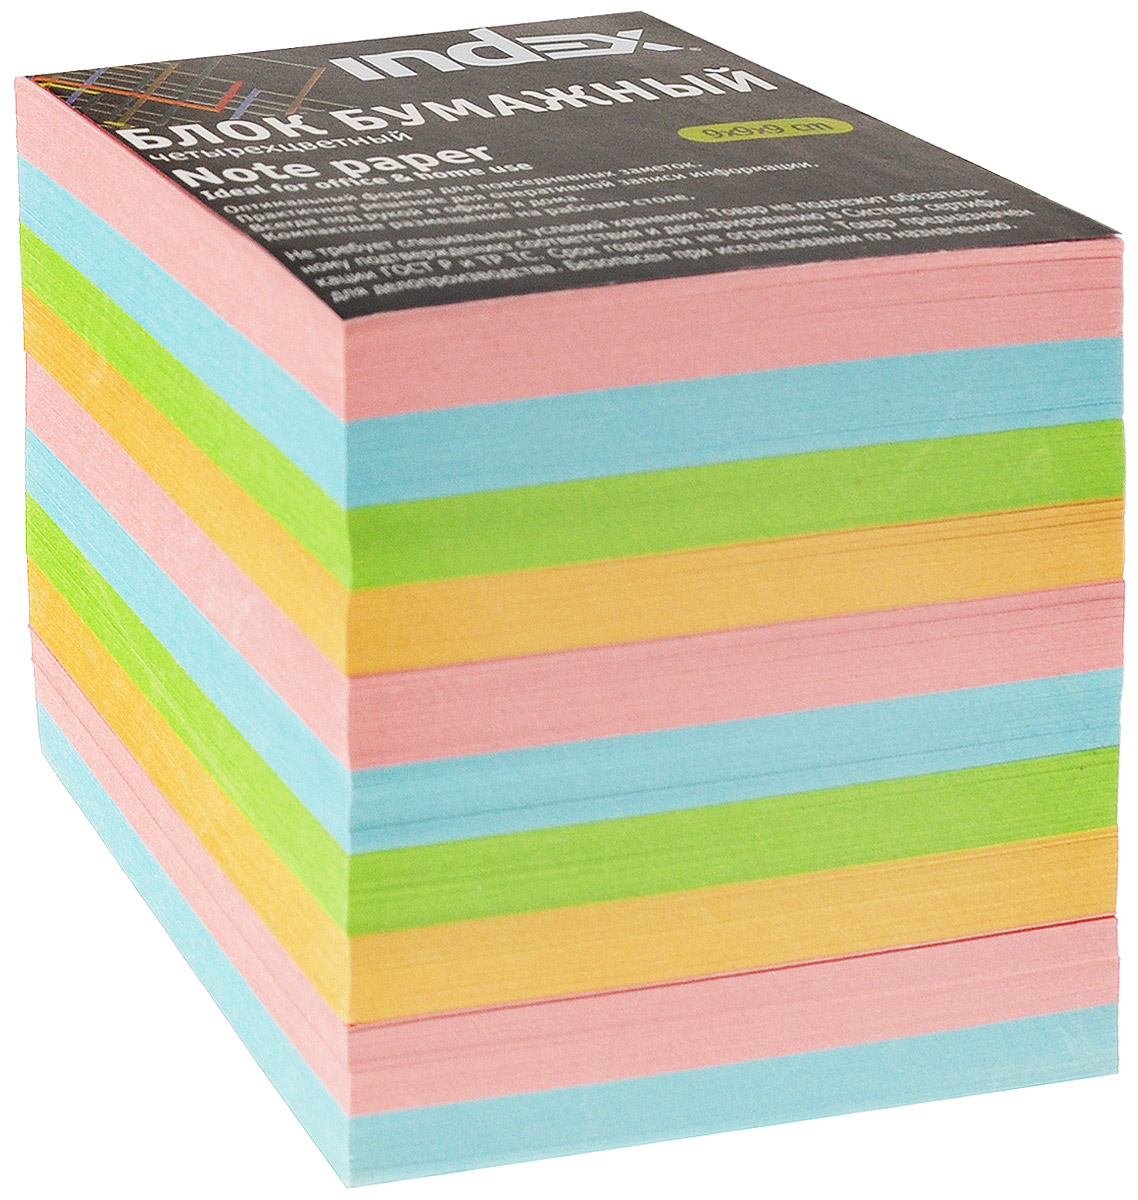 Index Блок для записей цвет желтый салатовый голубой розовый цена